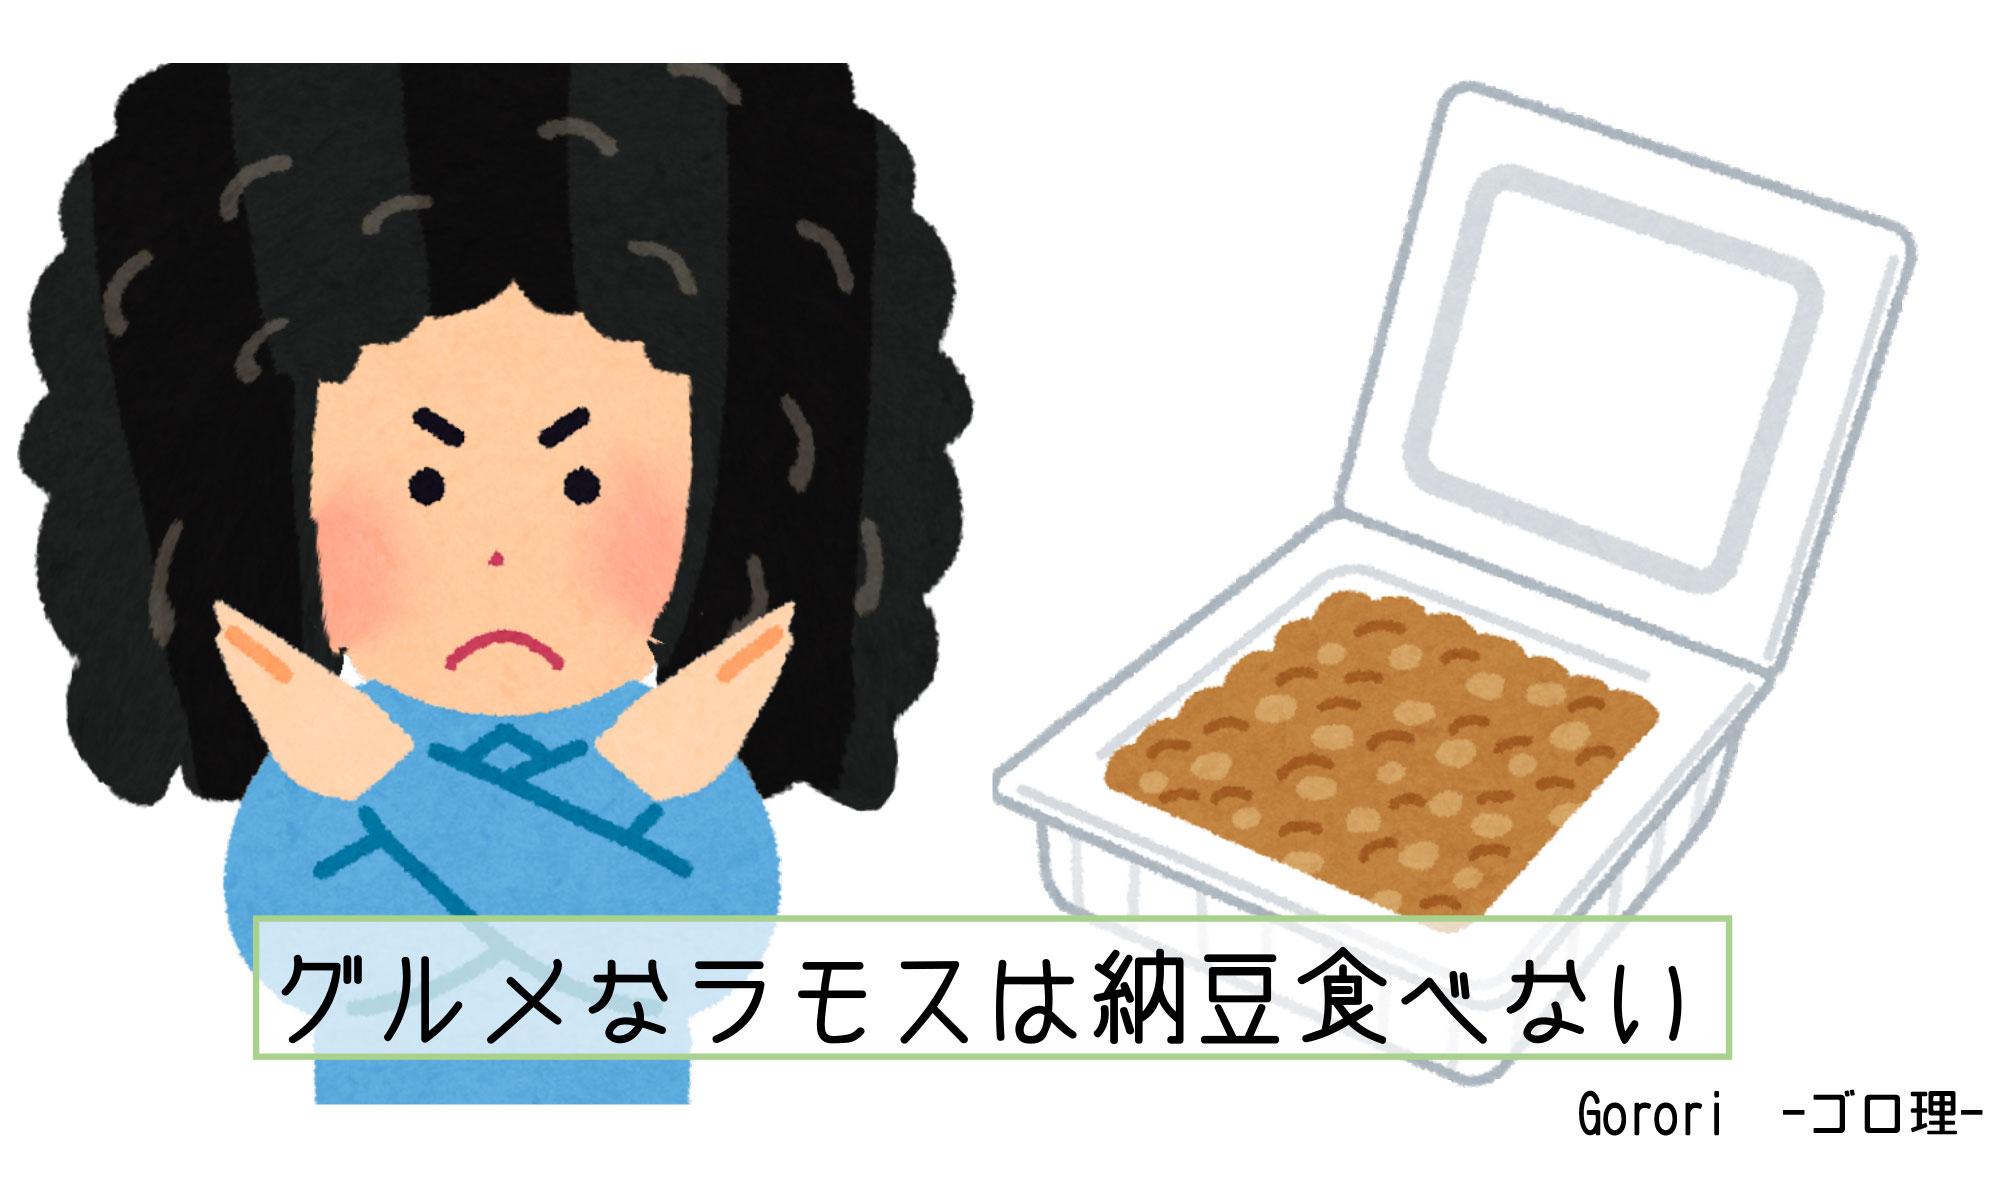 グルメなラモスは納豆食べない